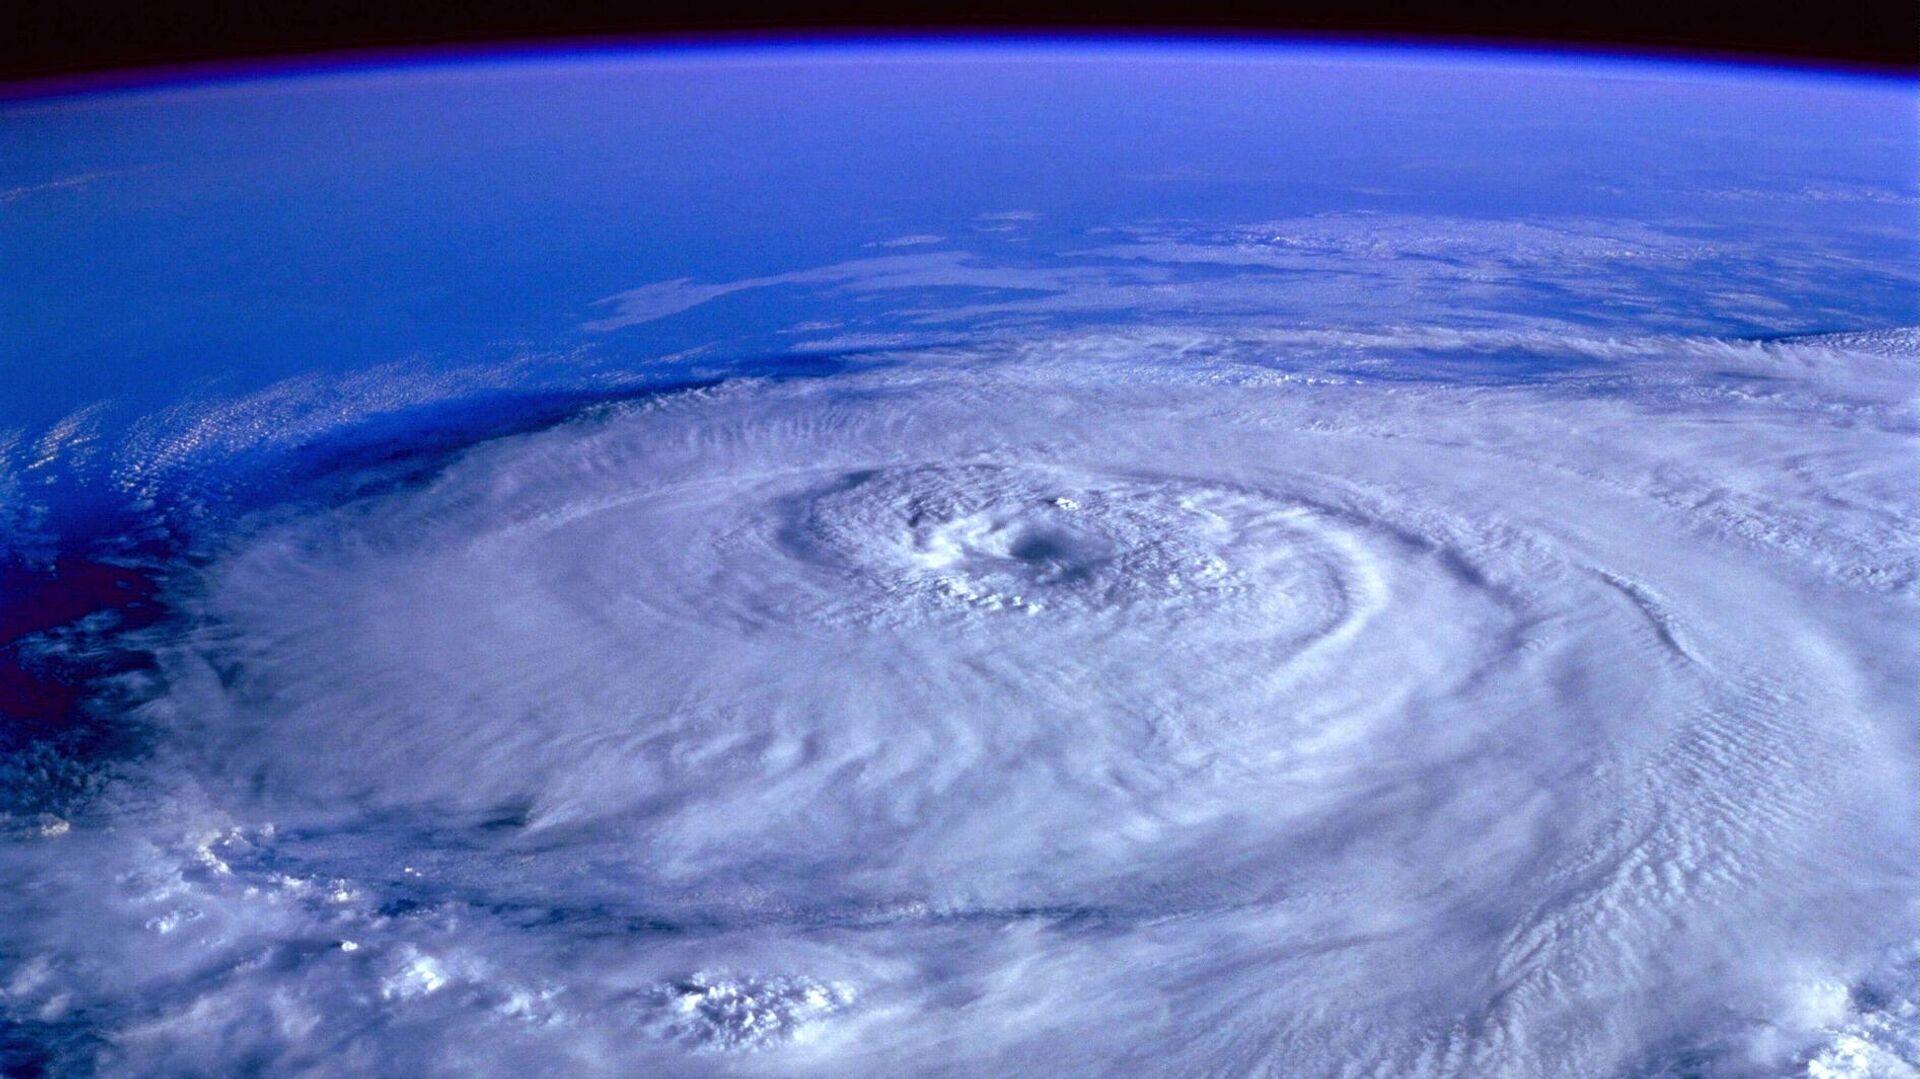 Hurrikan. Archivbild - SNA, 1920, 06.10.2021